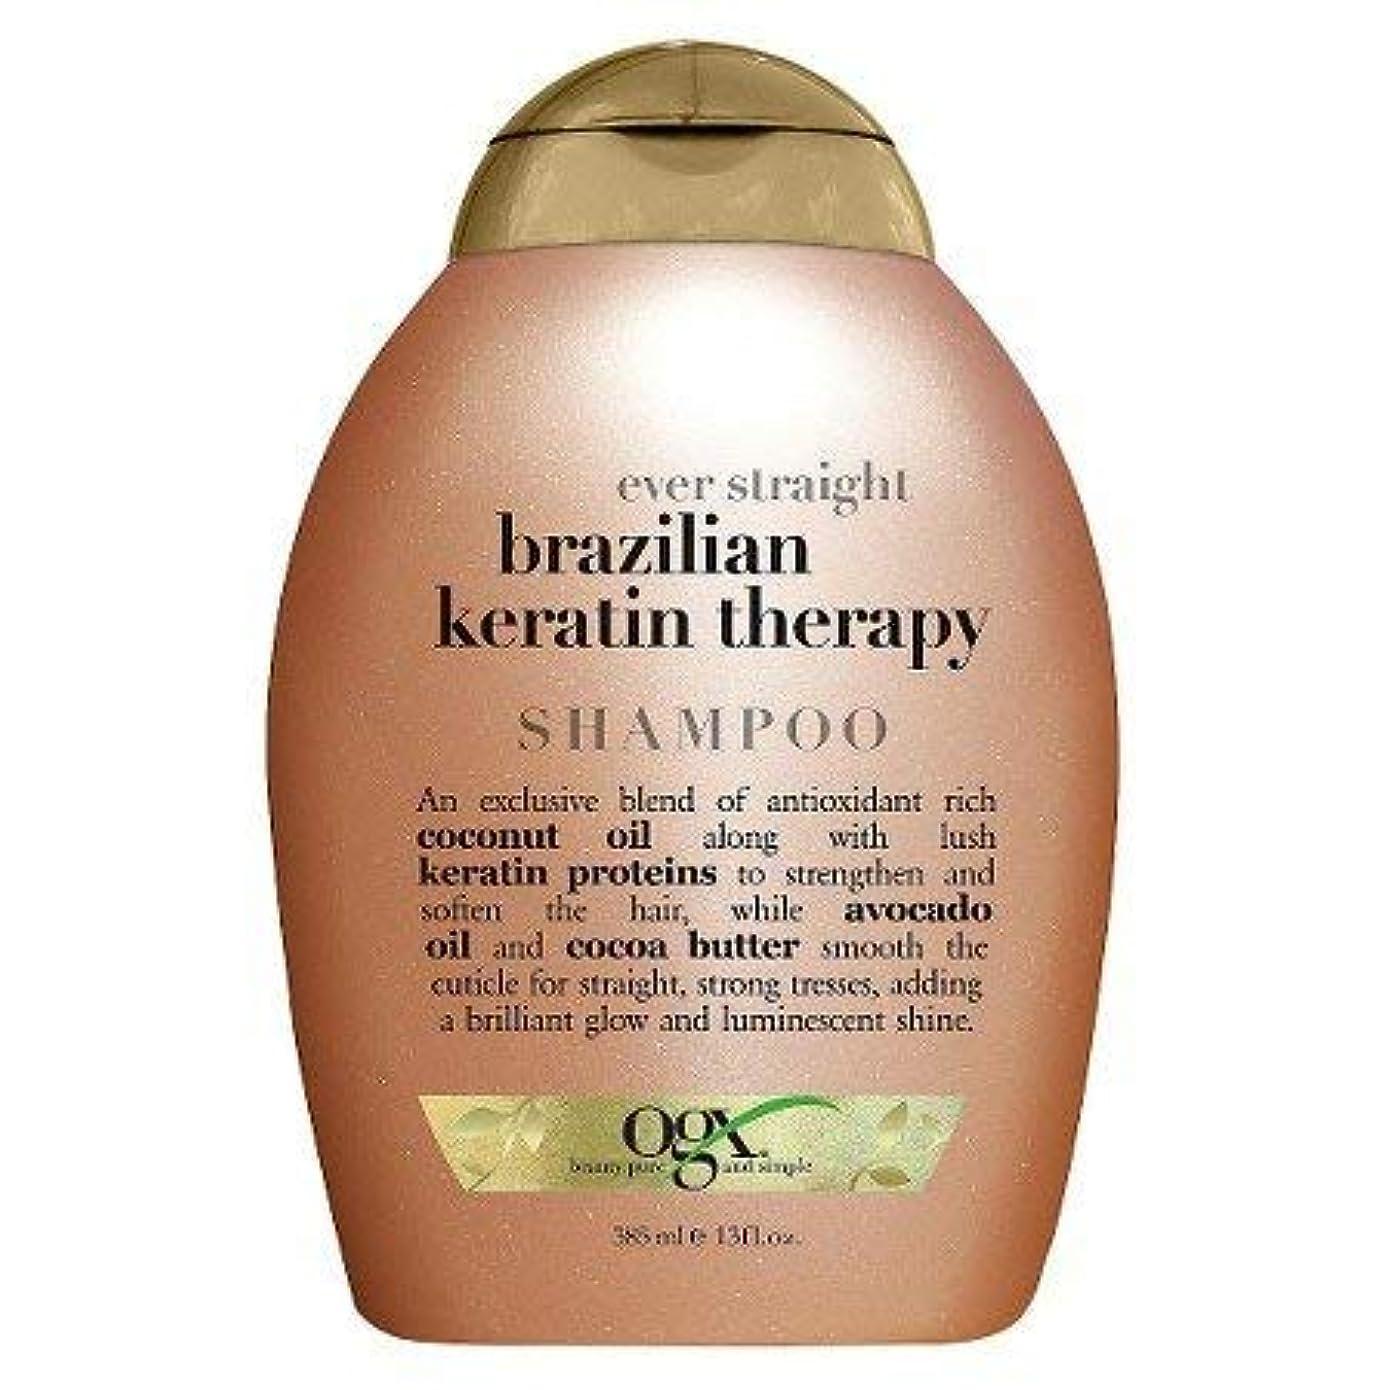 眉をひそめる大砲支給OGX Ever Straight Sulfate & Sodium Free Brazilian Keratin Therapy Shampoo 360ml エヴァーストレートブラジルケラチンセラピーシャンプーシャンプー...